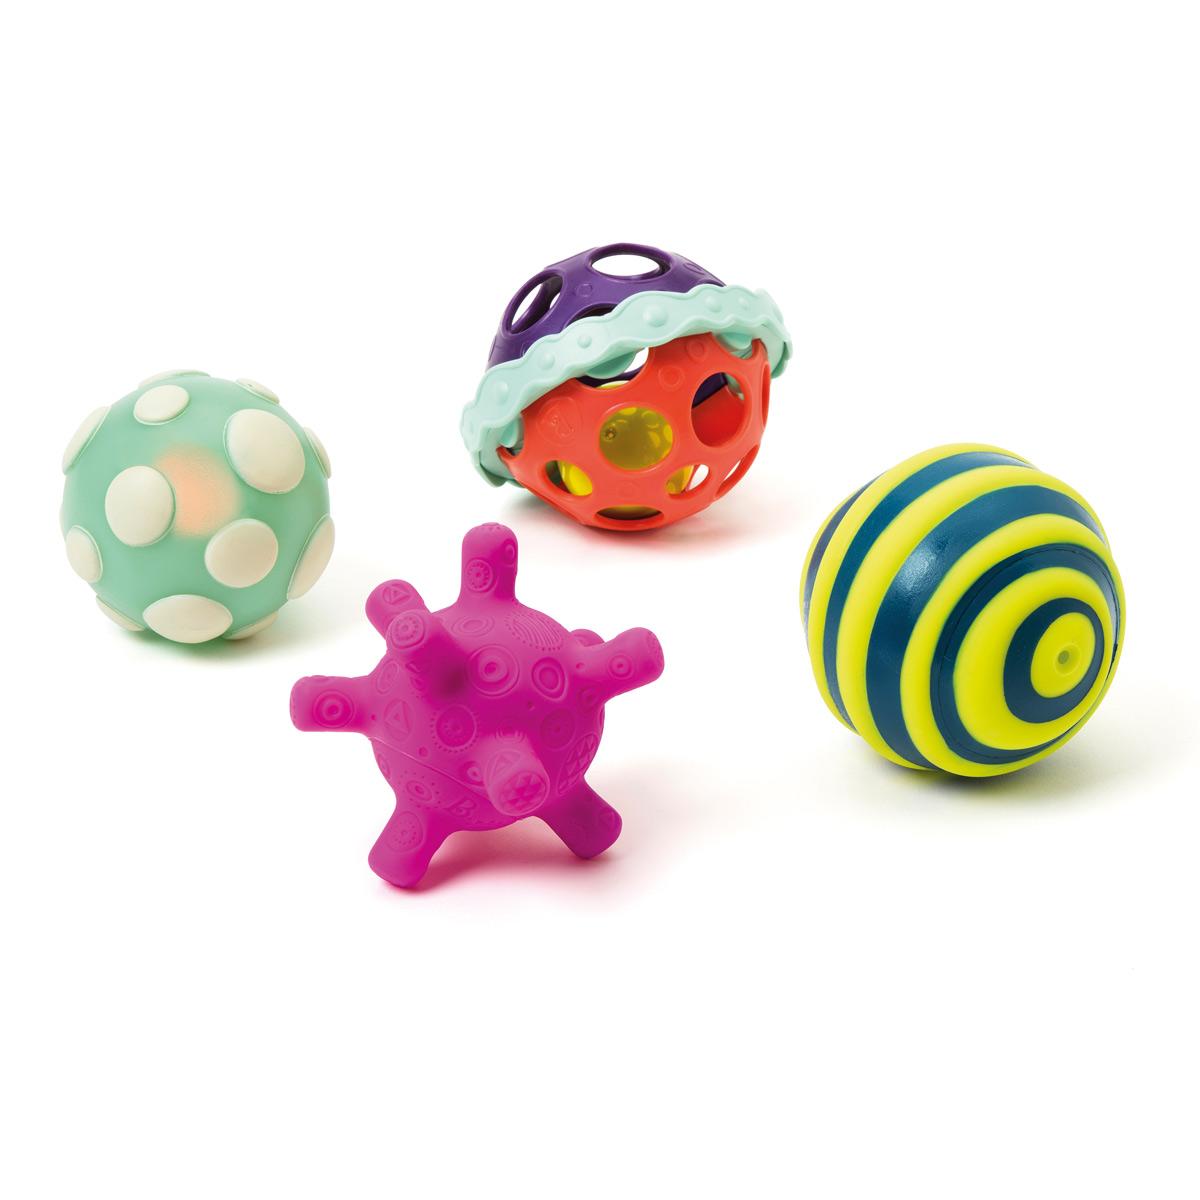 4 Balles texturées et lumineuses